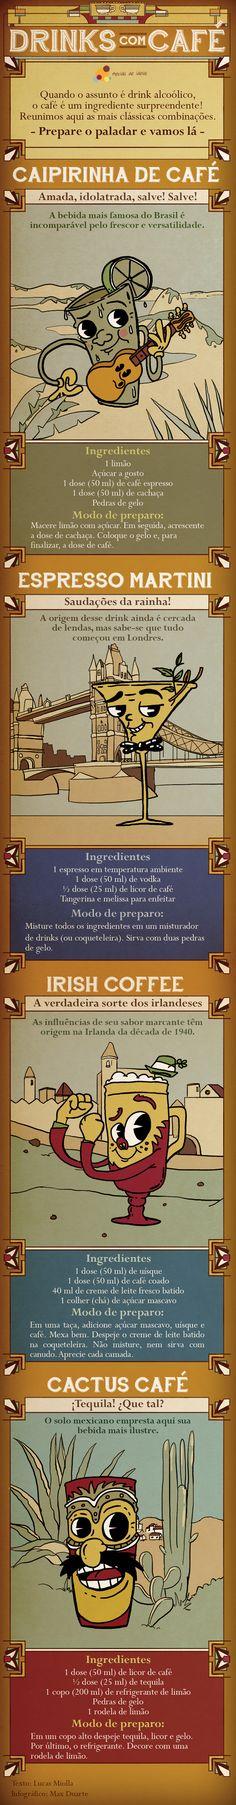 Aprenda a preparar deliciosos drinks com café. Conheça receitas de quatro países diferentes!